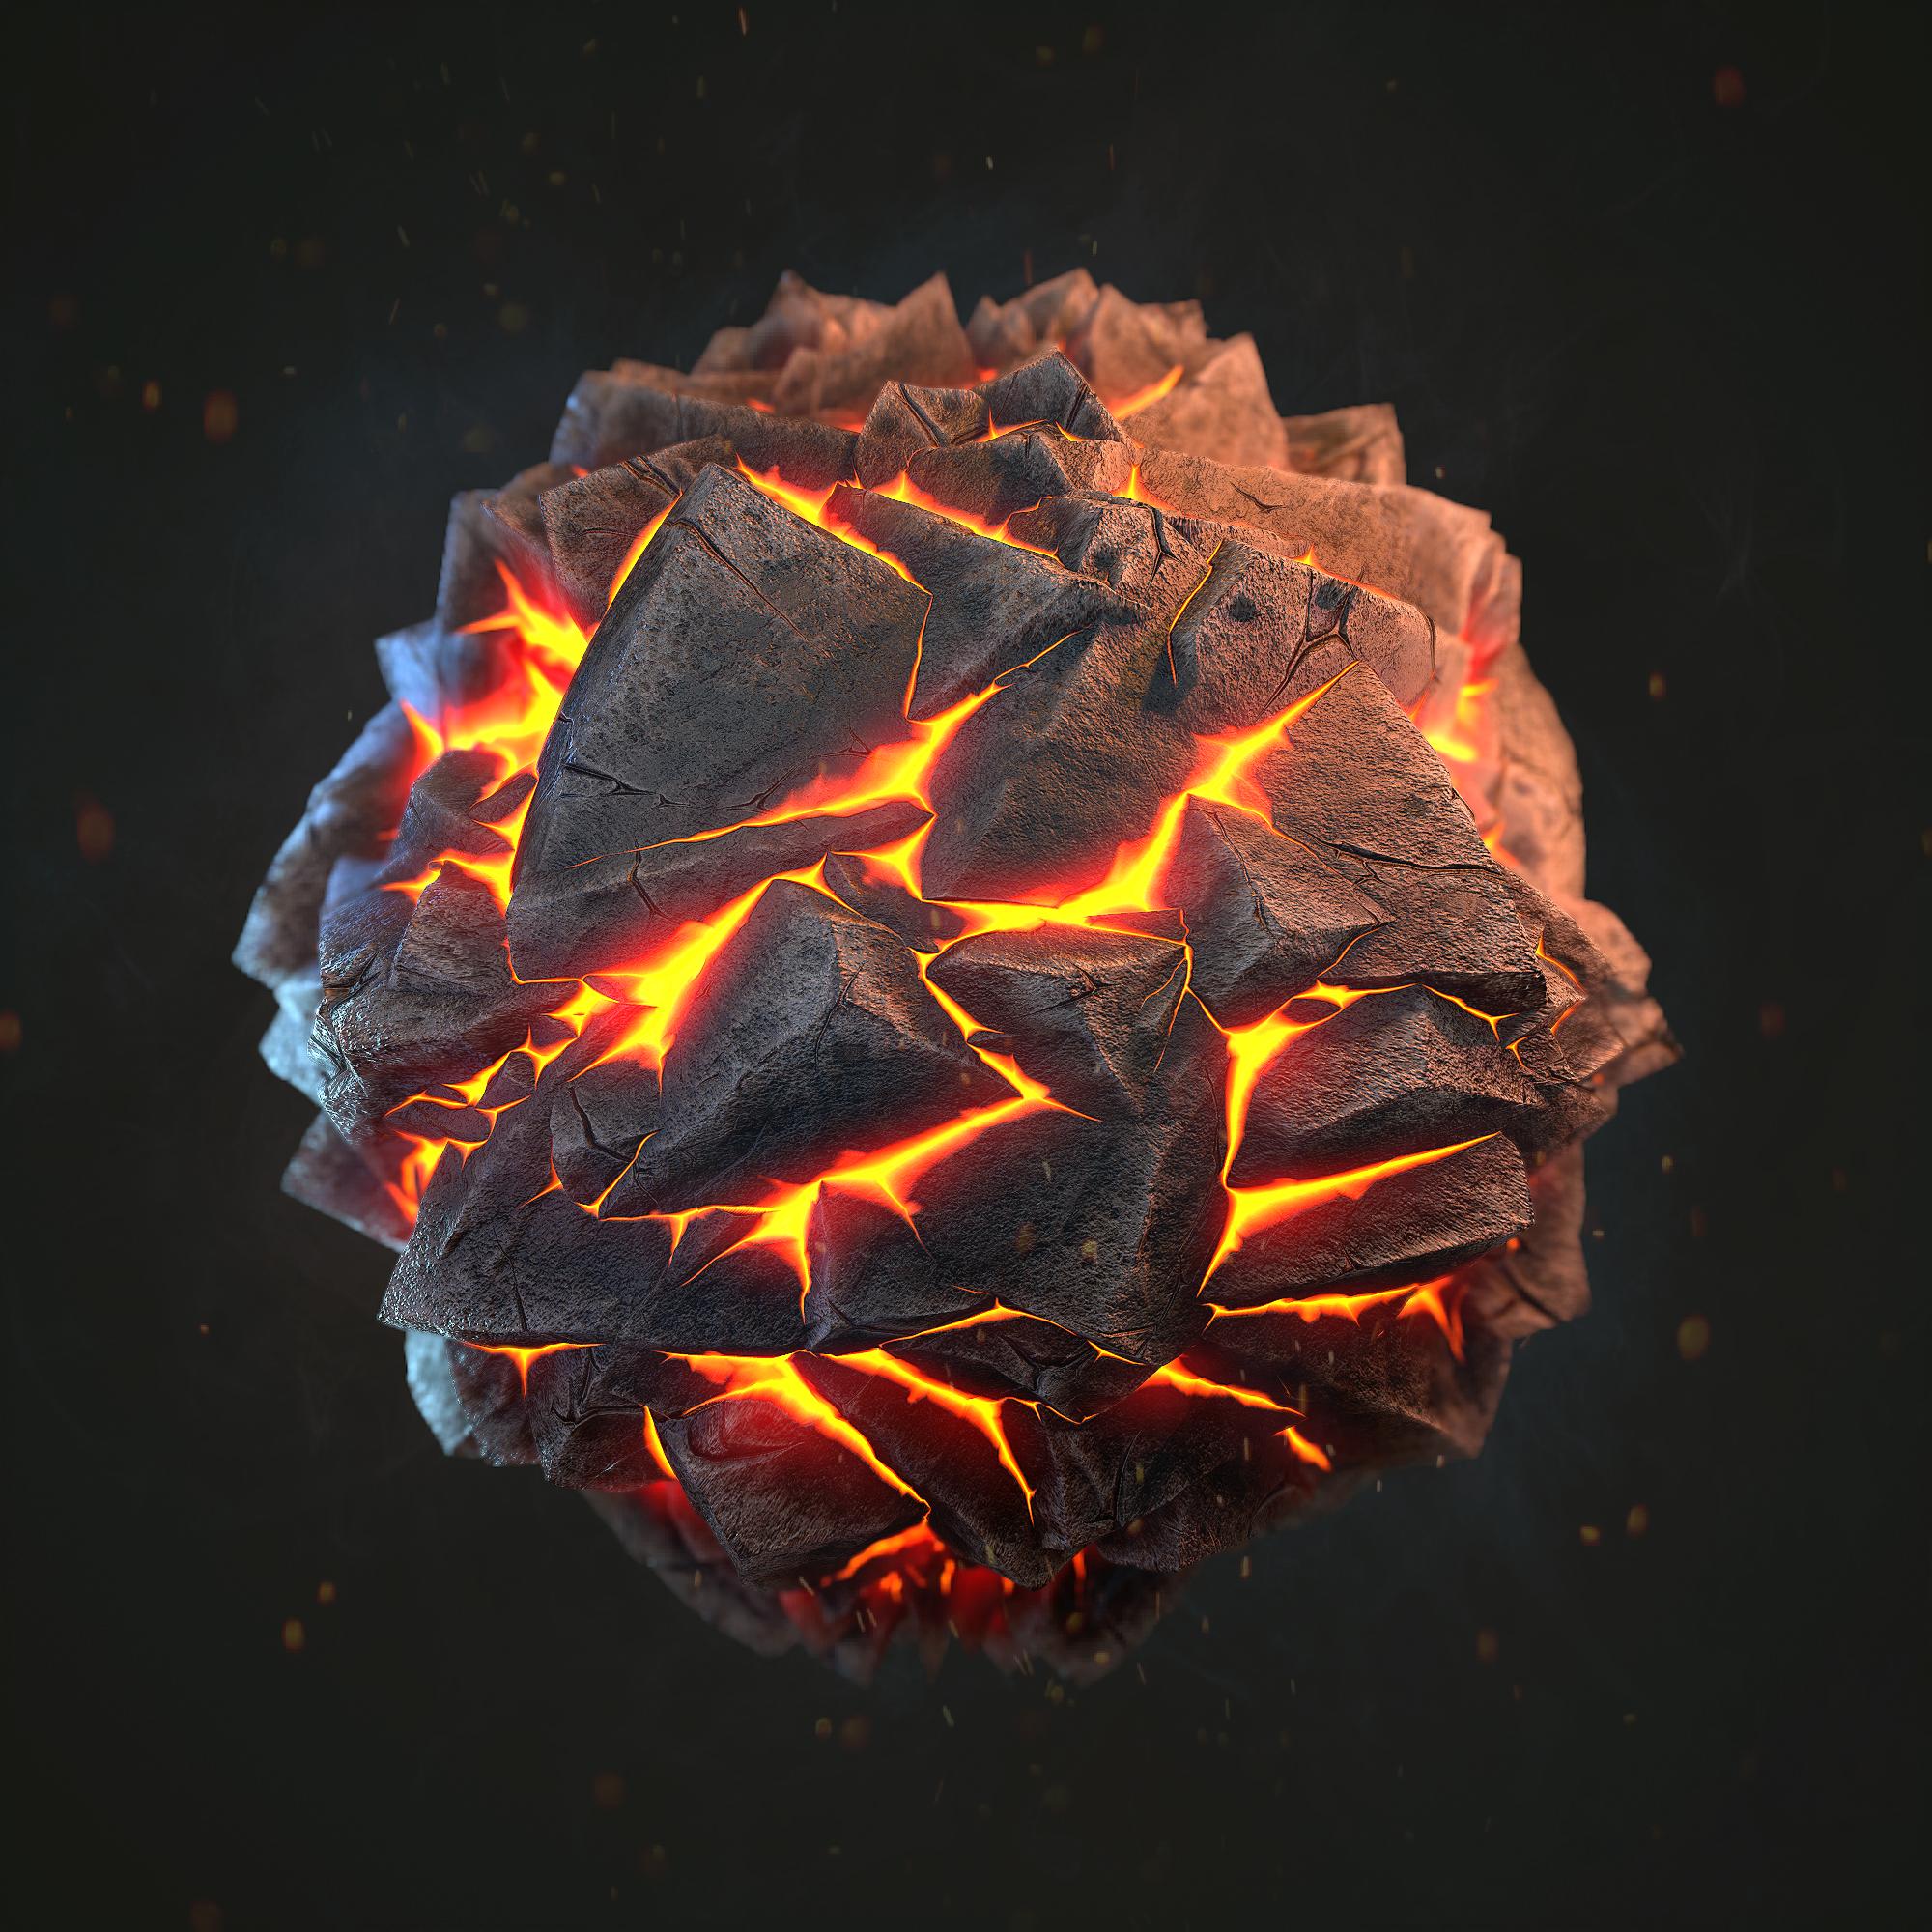 Magma_Land PBR Materials